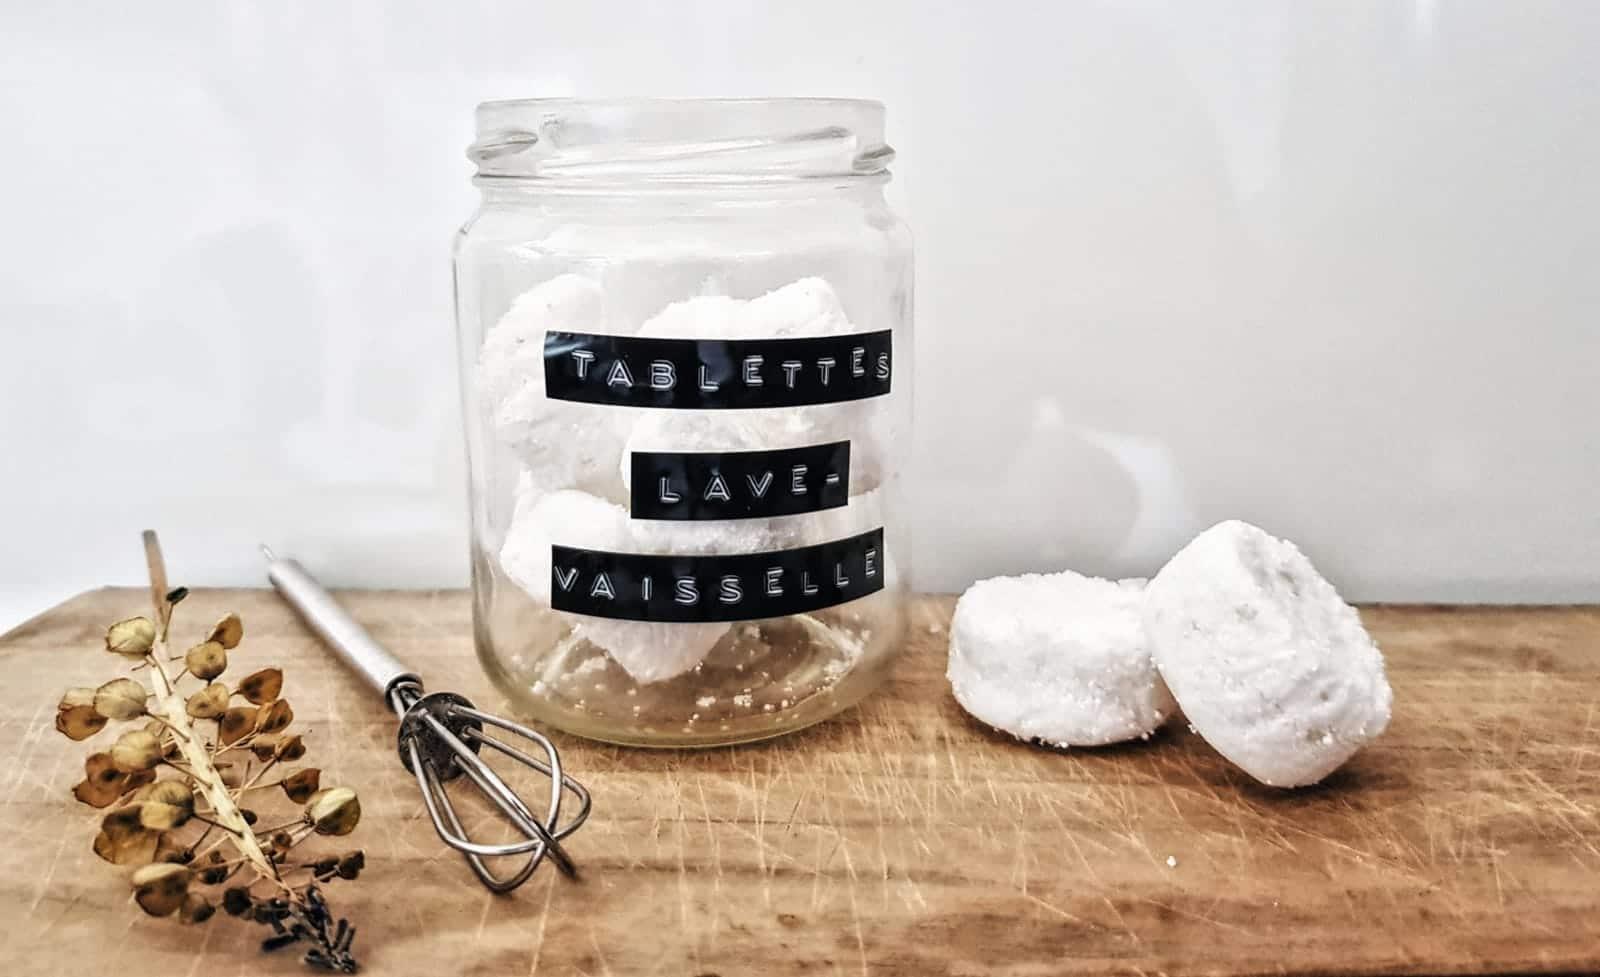 recette tablette lave vaisselle